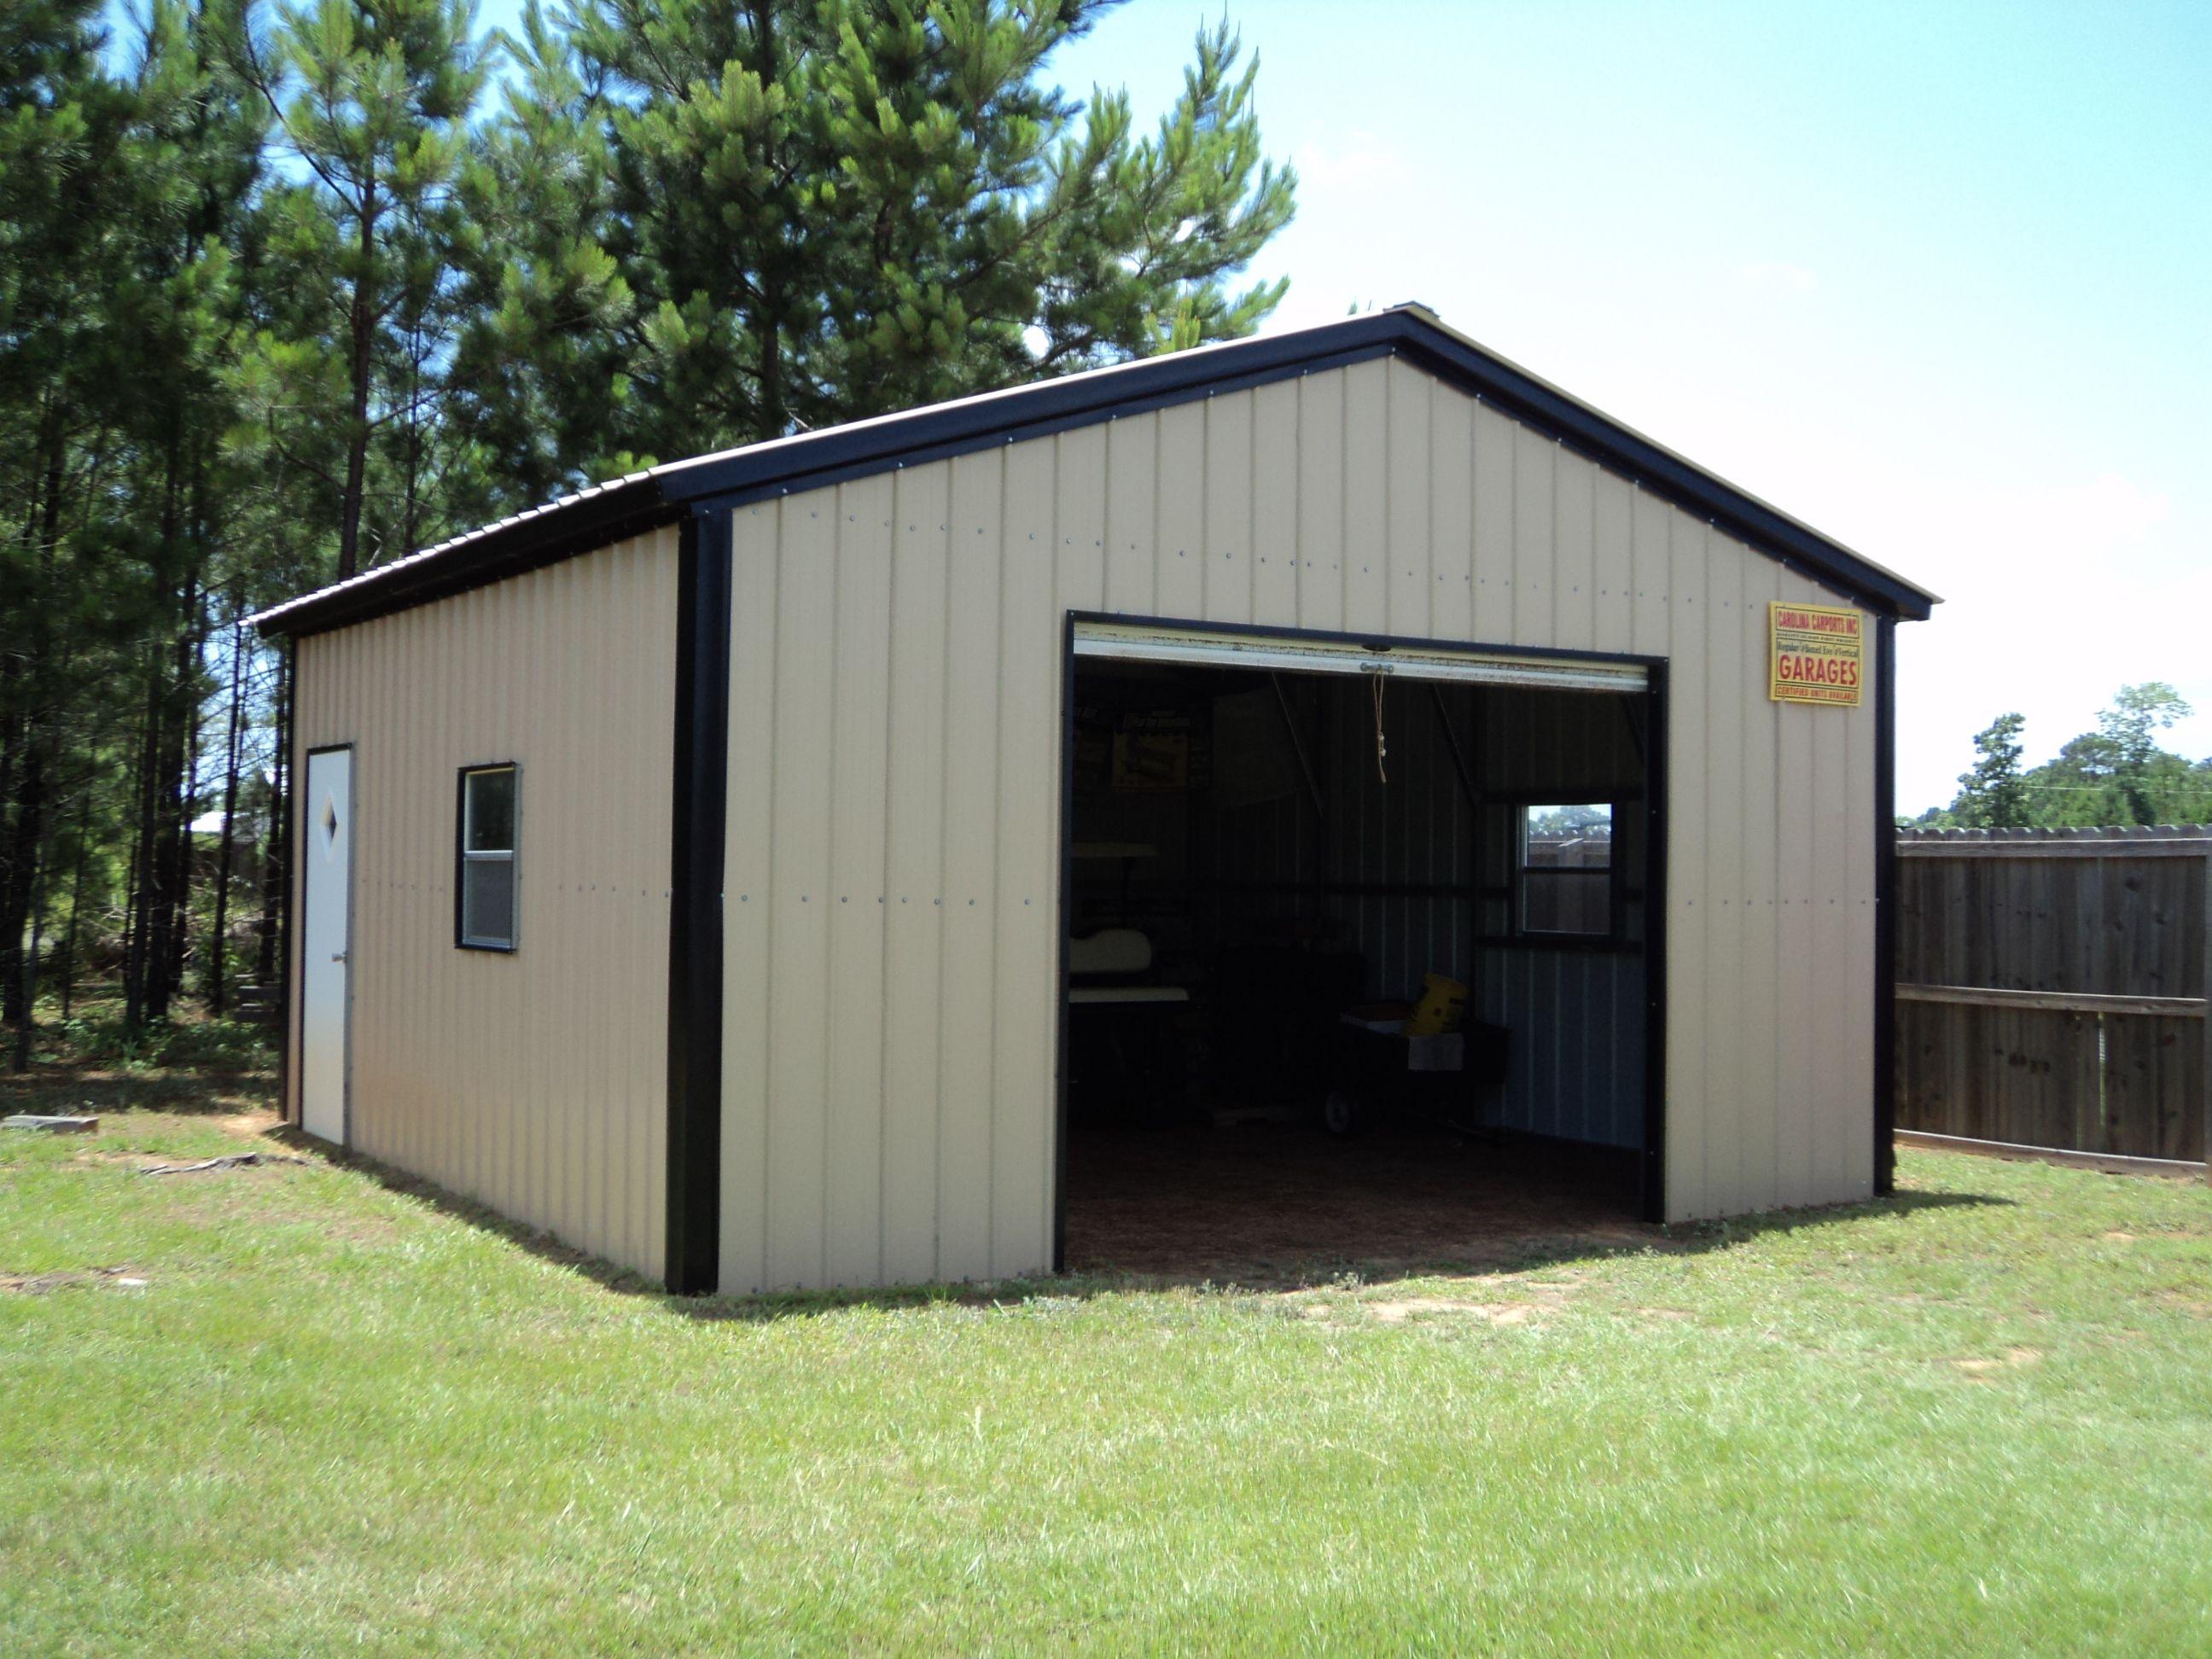 metal garages 18 x 21 x 9 all vertical garage BASSEVH